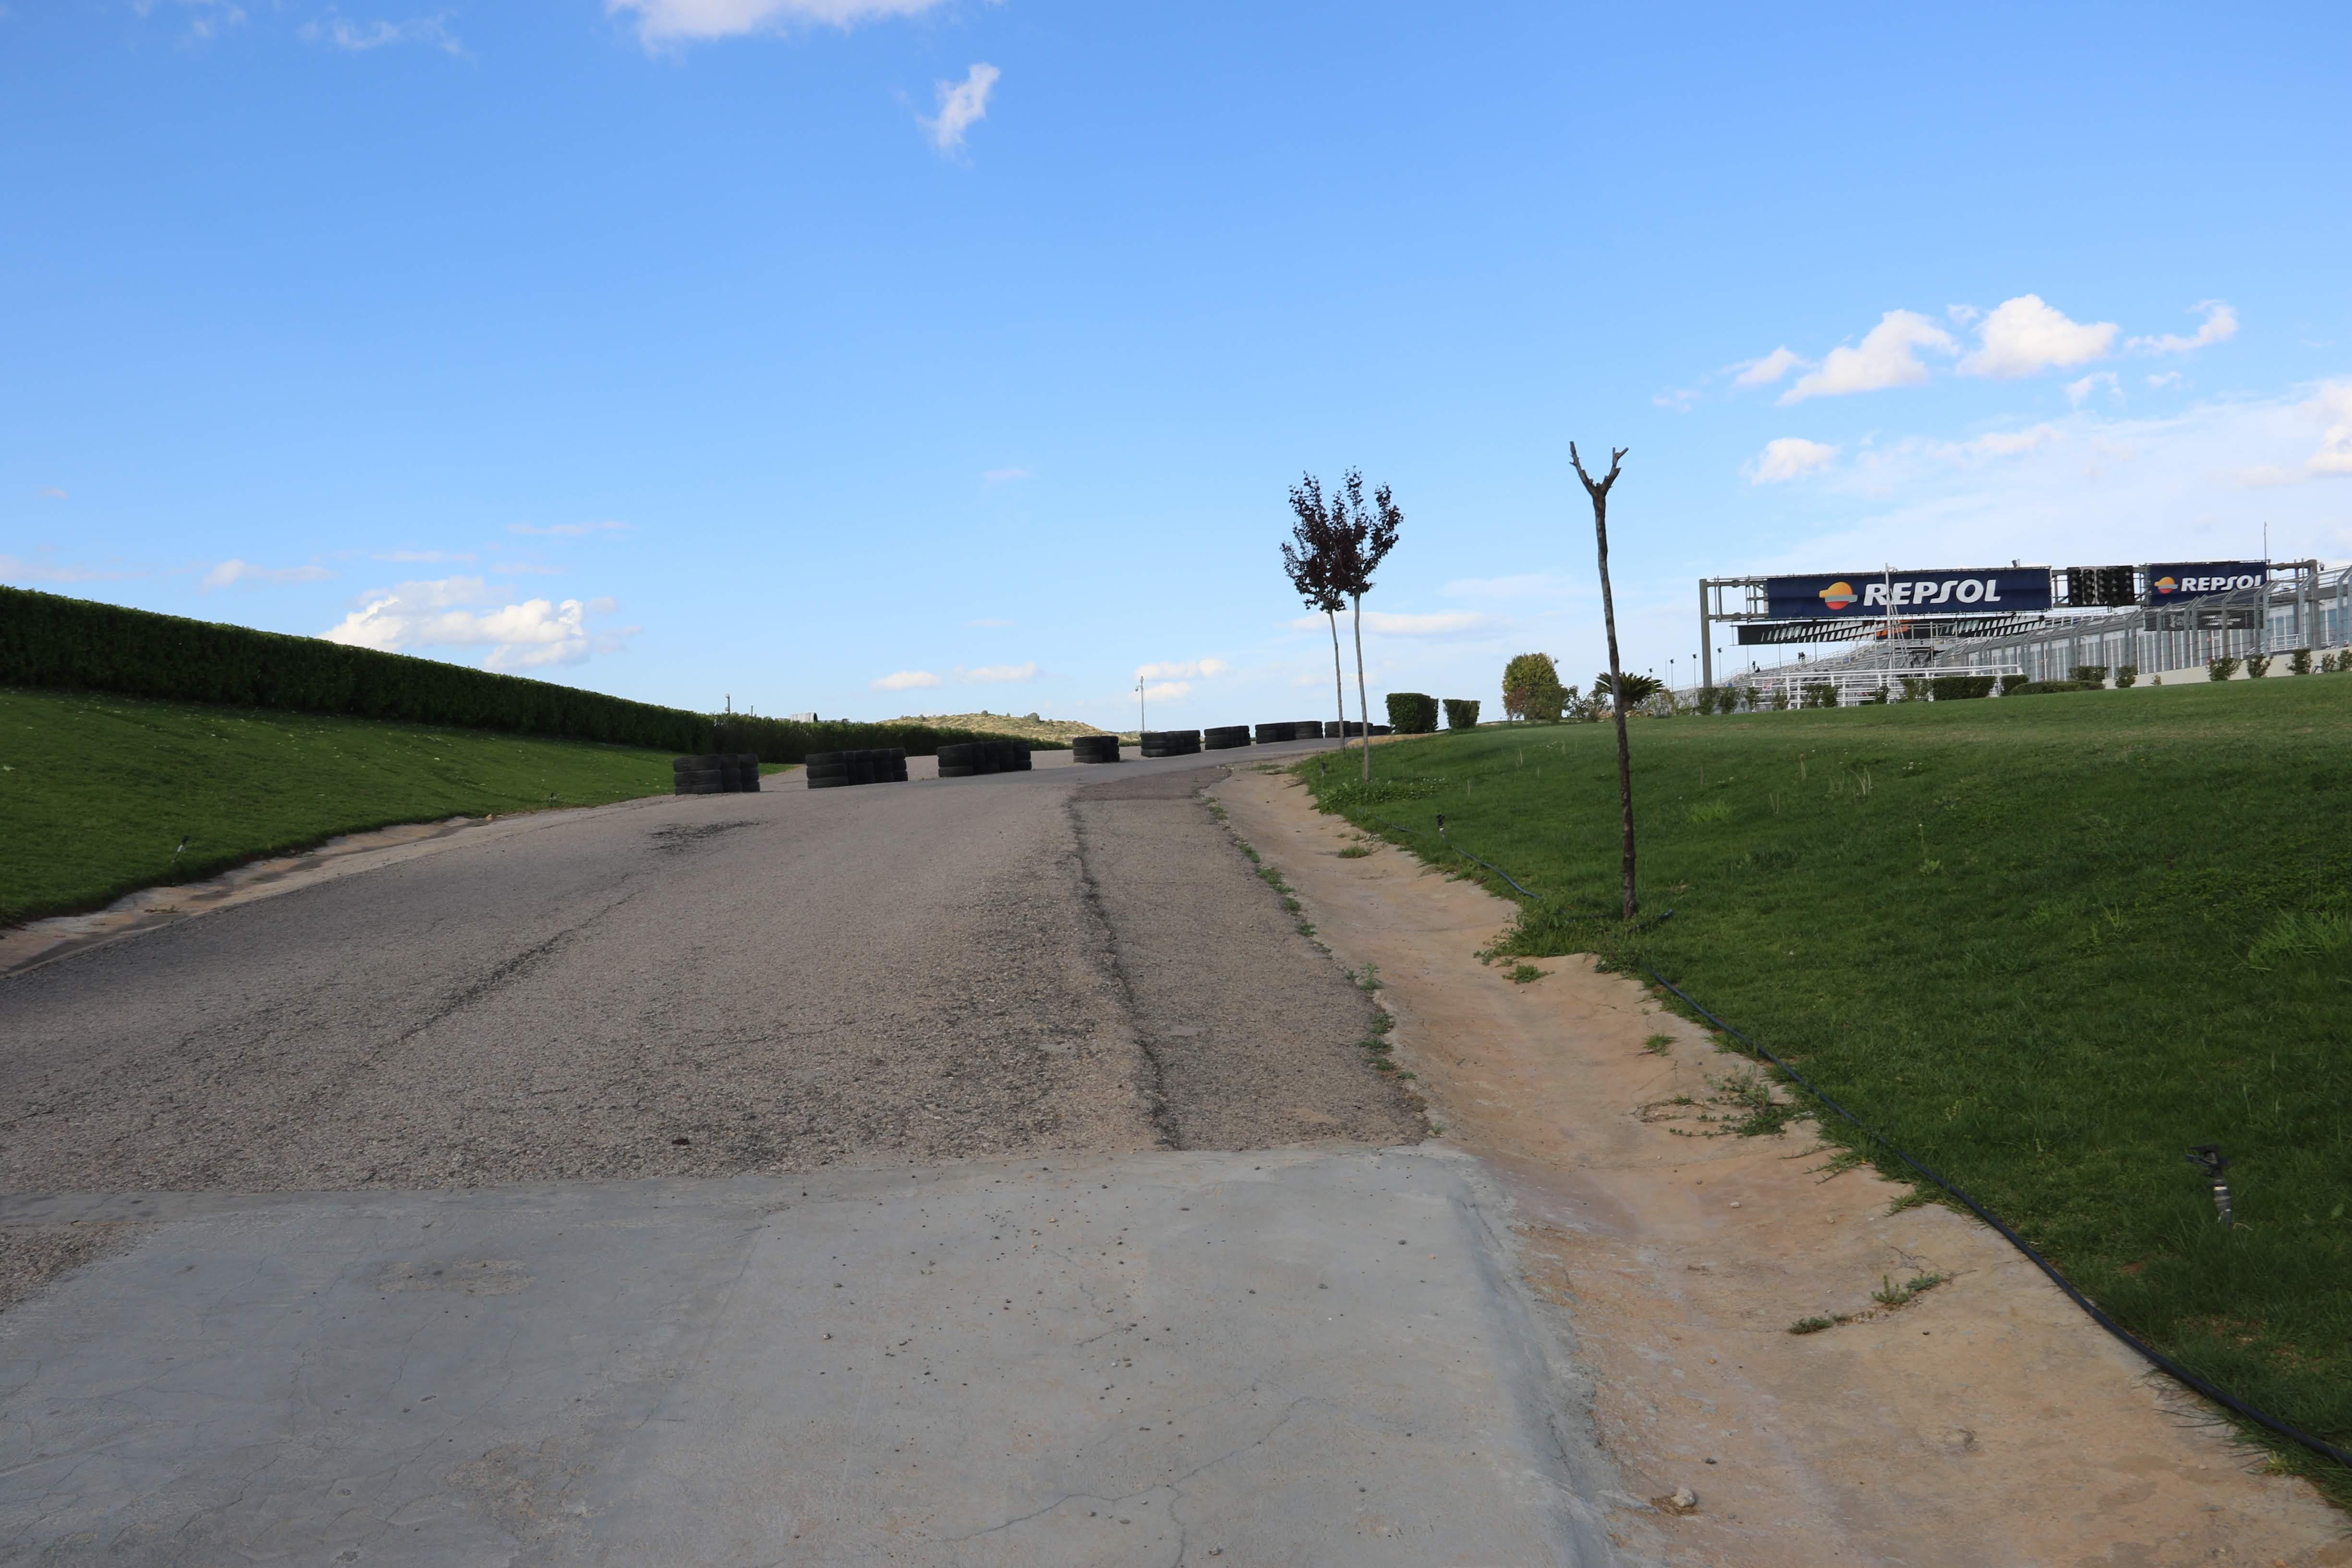 【海外サーキット現地レポ】MotoGP最終戦の地!かつてはWTCCも開催されていた「バレンシアサーキット」